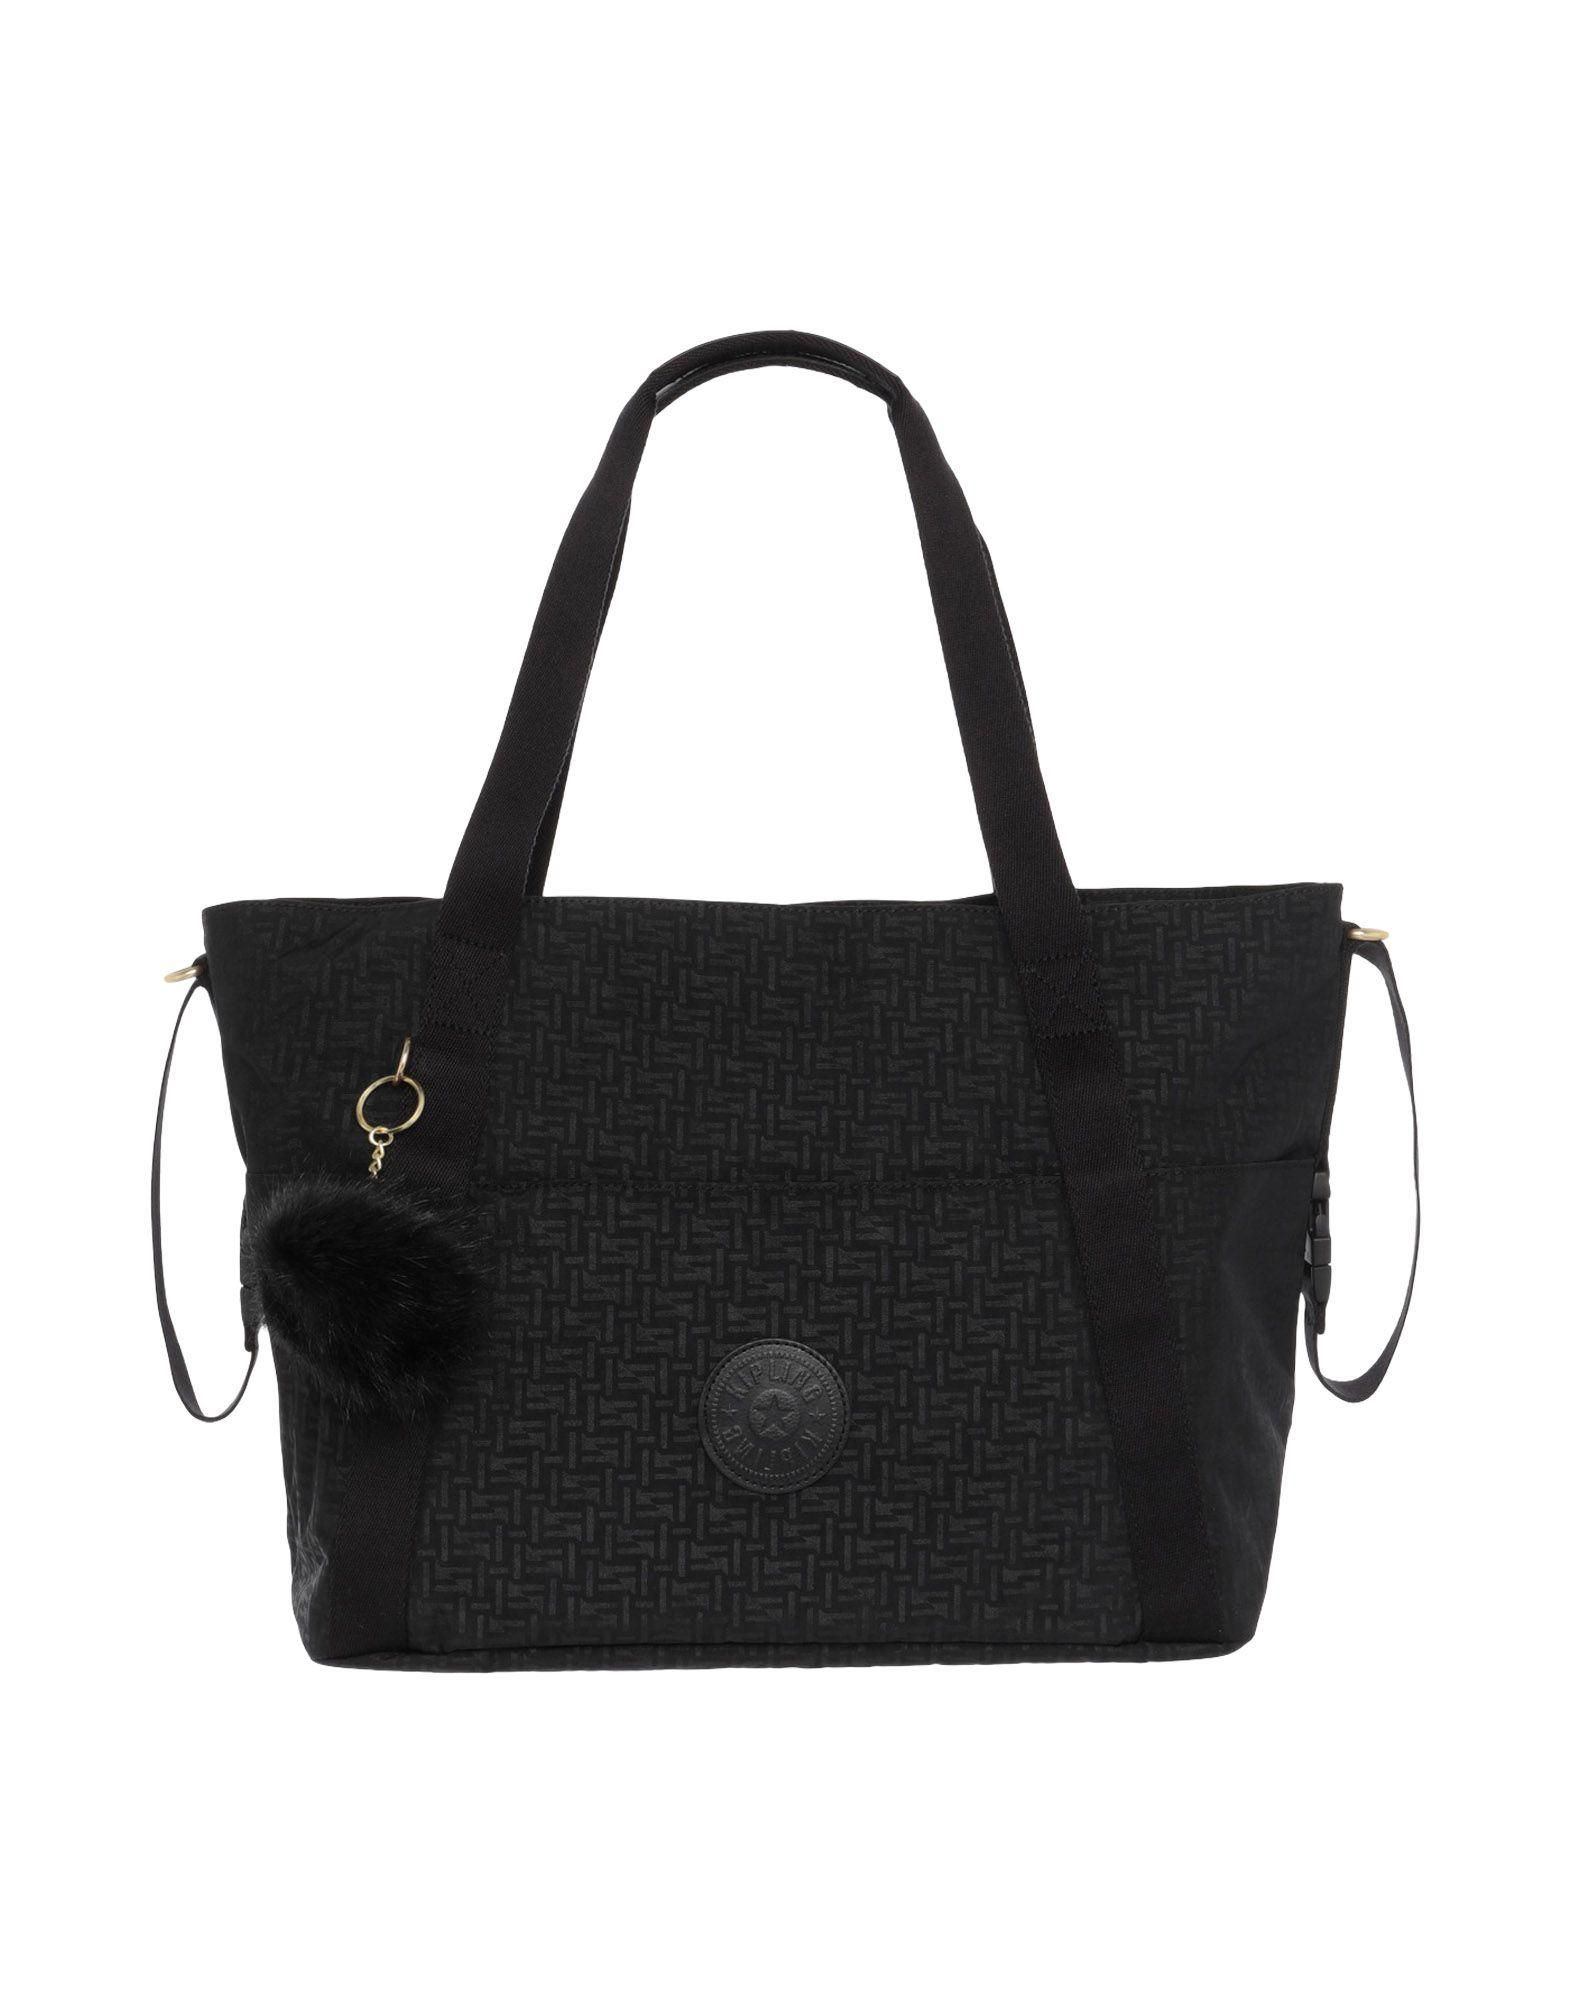 《送料無料》KIPLING レディース マザーズバッグ ブラック 紡績繊維